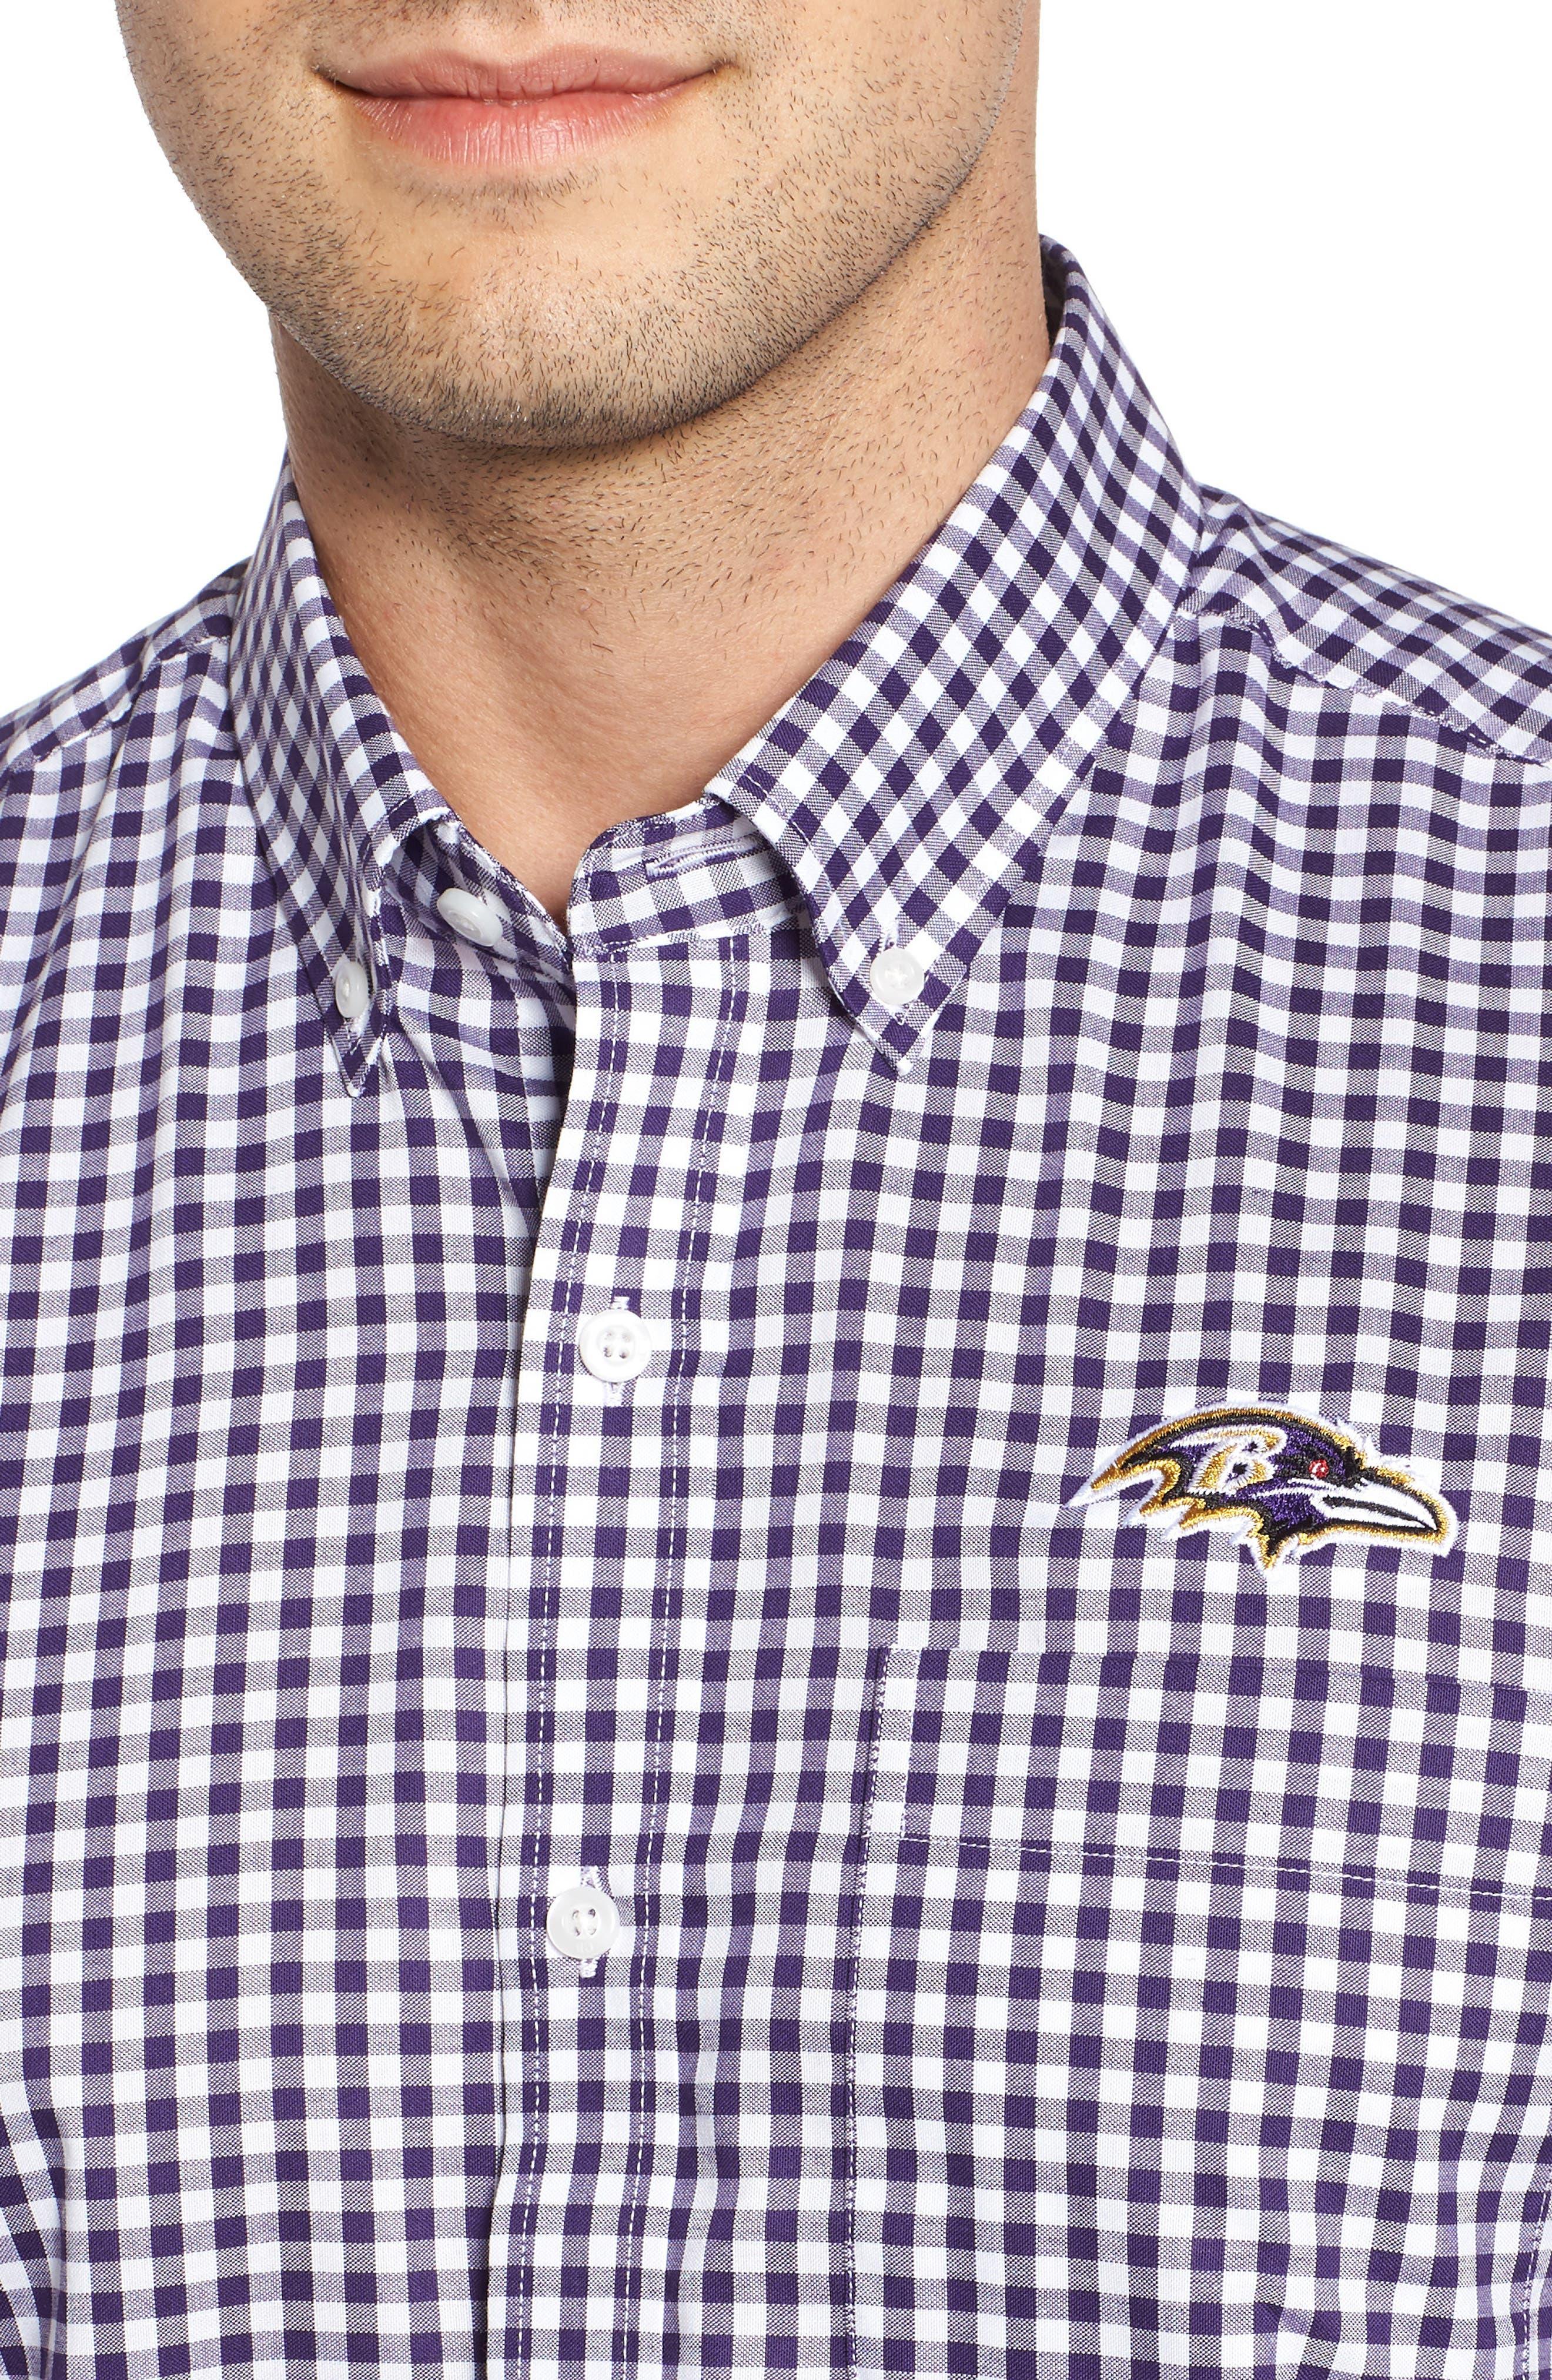 League Baltimore Ravens Regular Fit Shirt,                             Alternate thumbnail 4, color,                             COLLEGE PURPLE